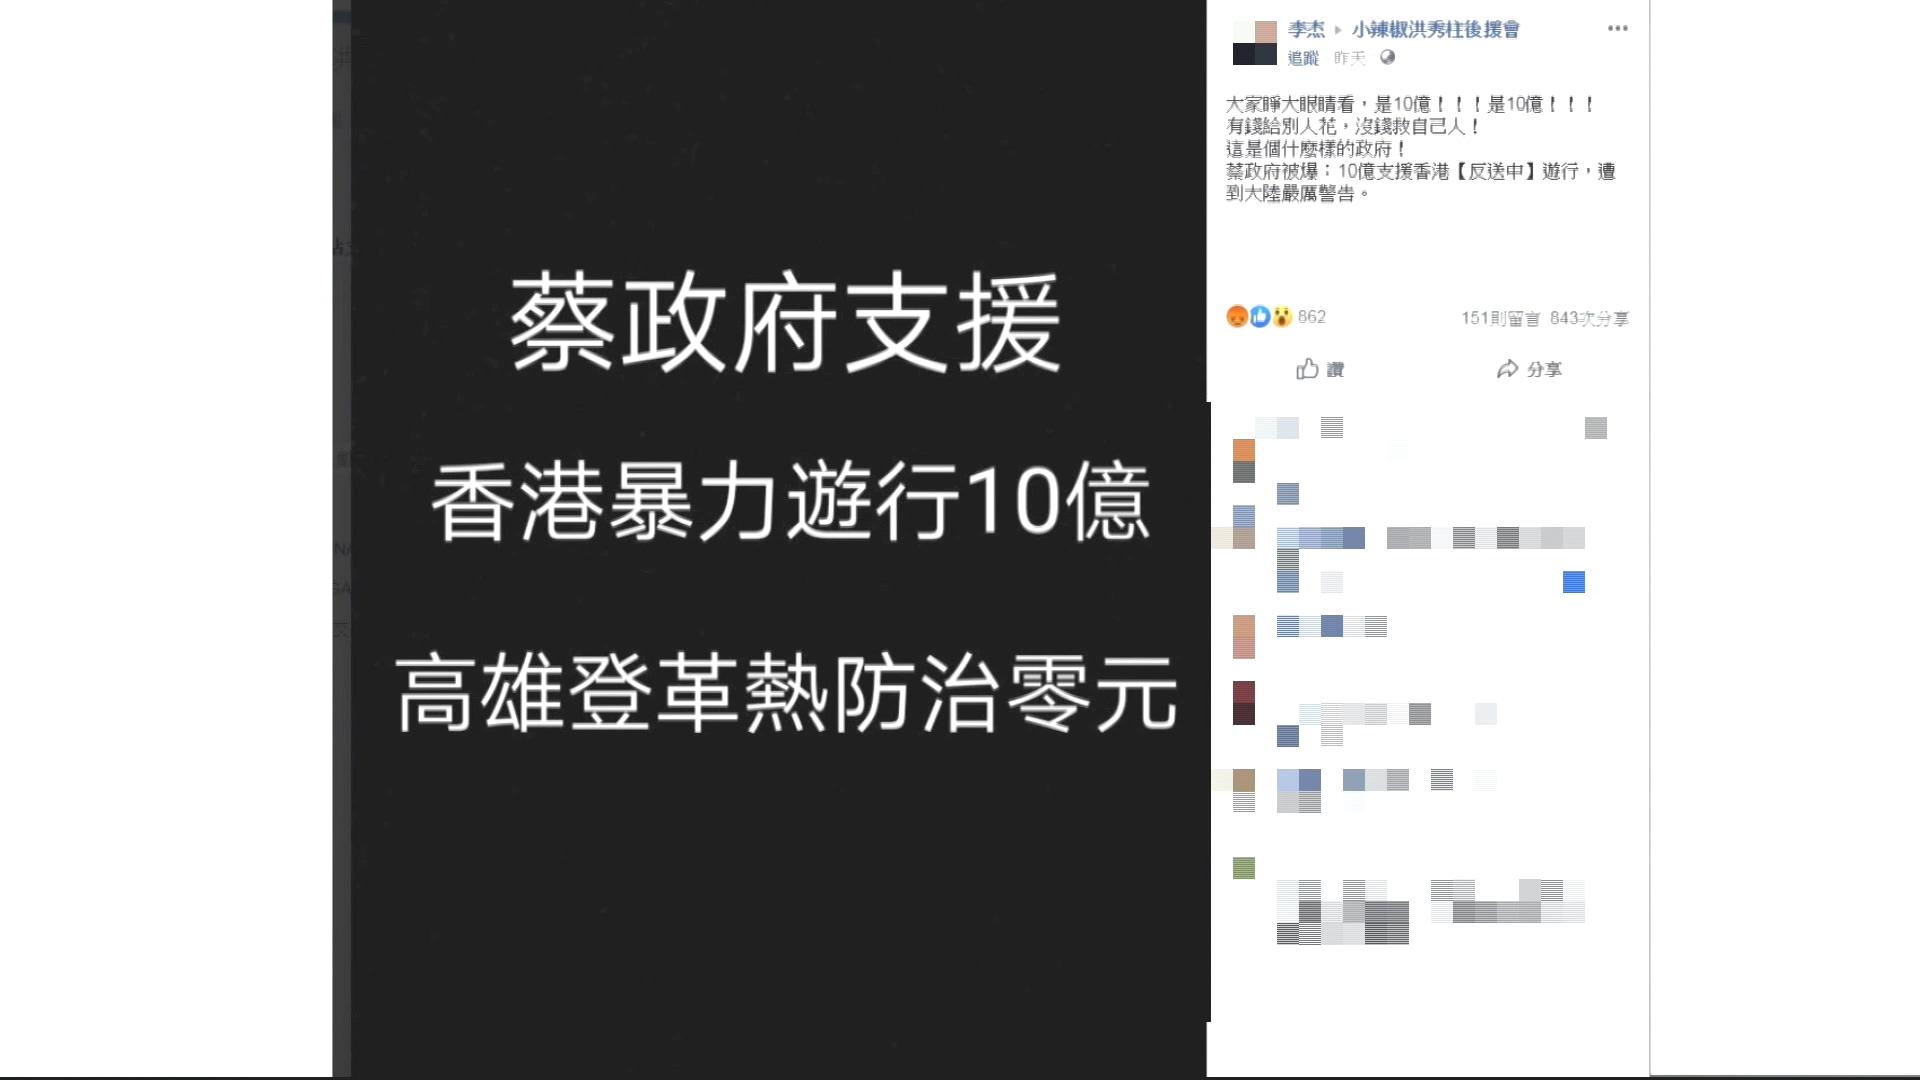 圖/翻攝自小辣椒洪秀柱後援會 臉書